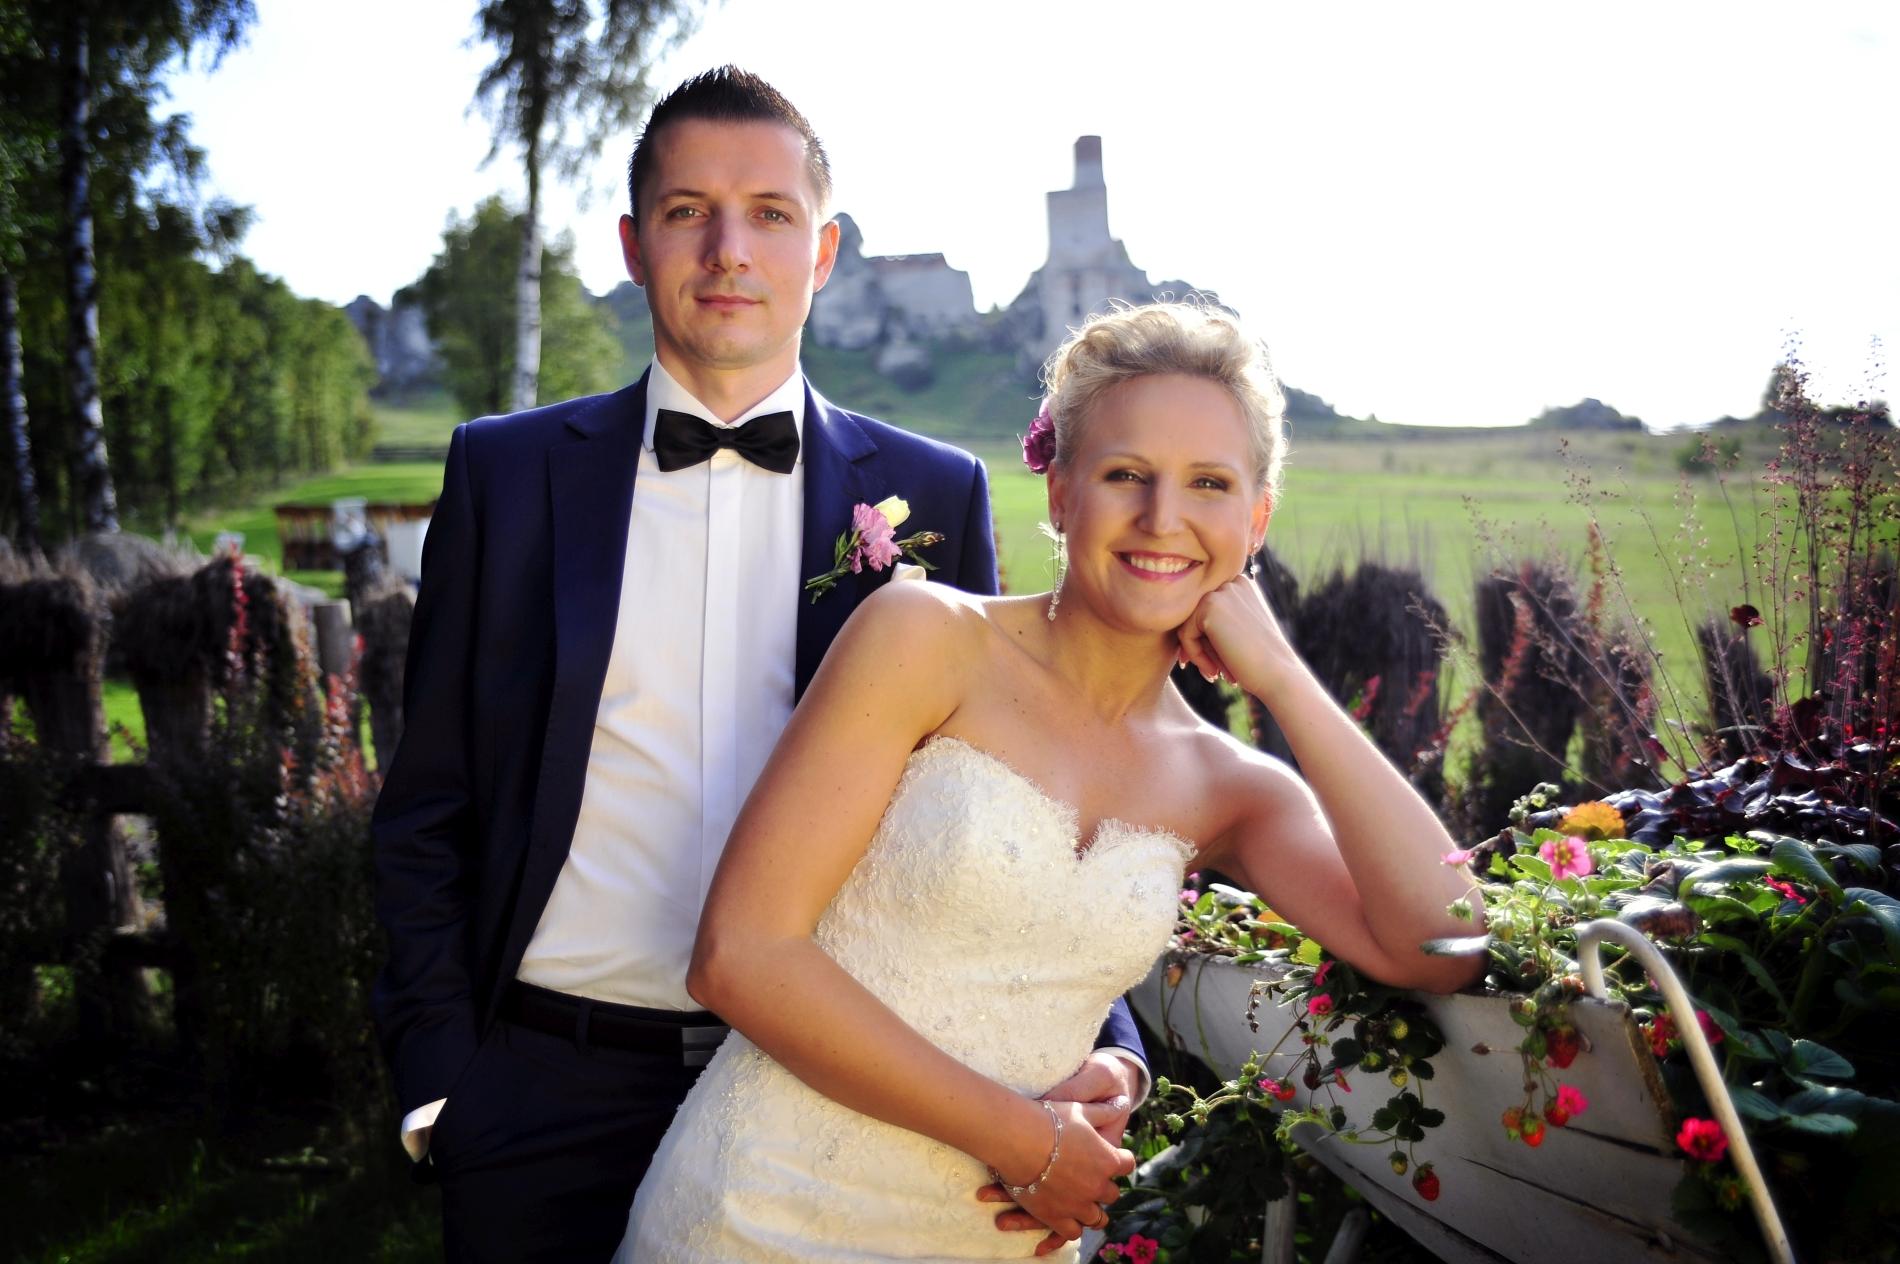 Zdjęcie z sesji ślubnej, nowożeńcy